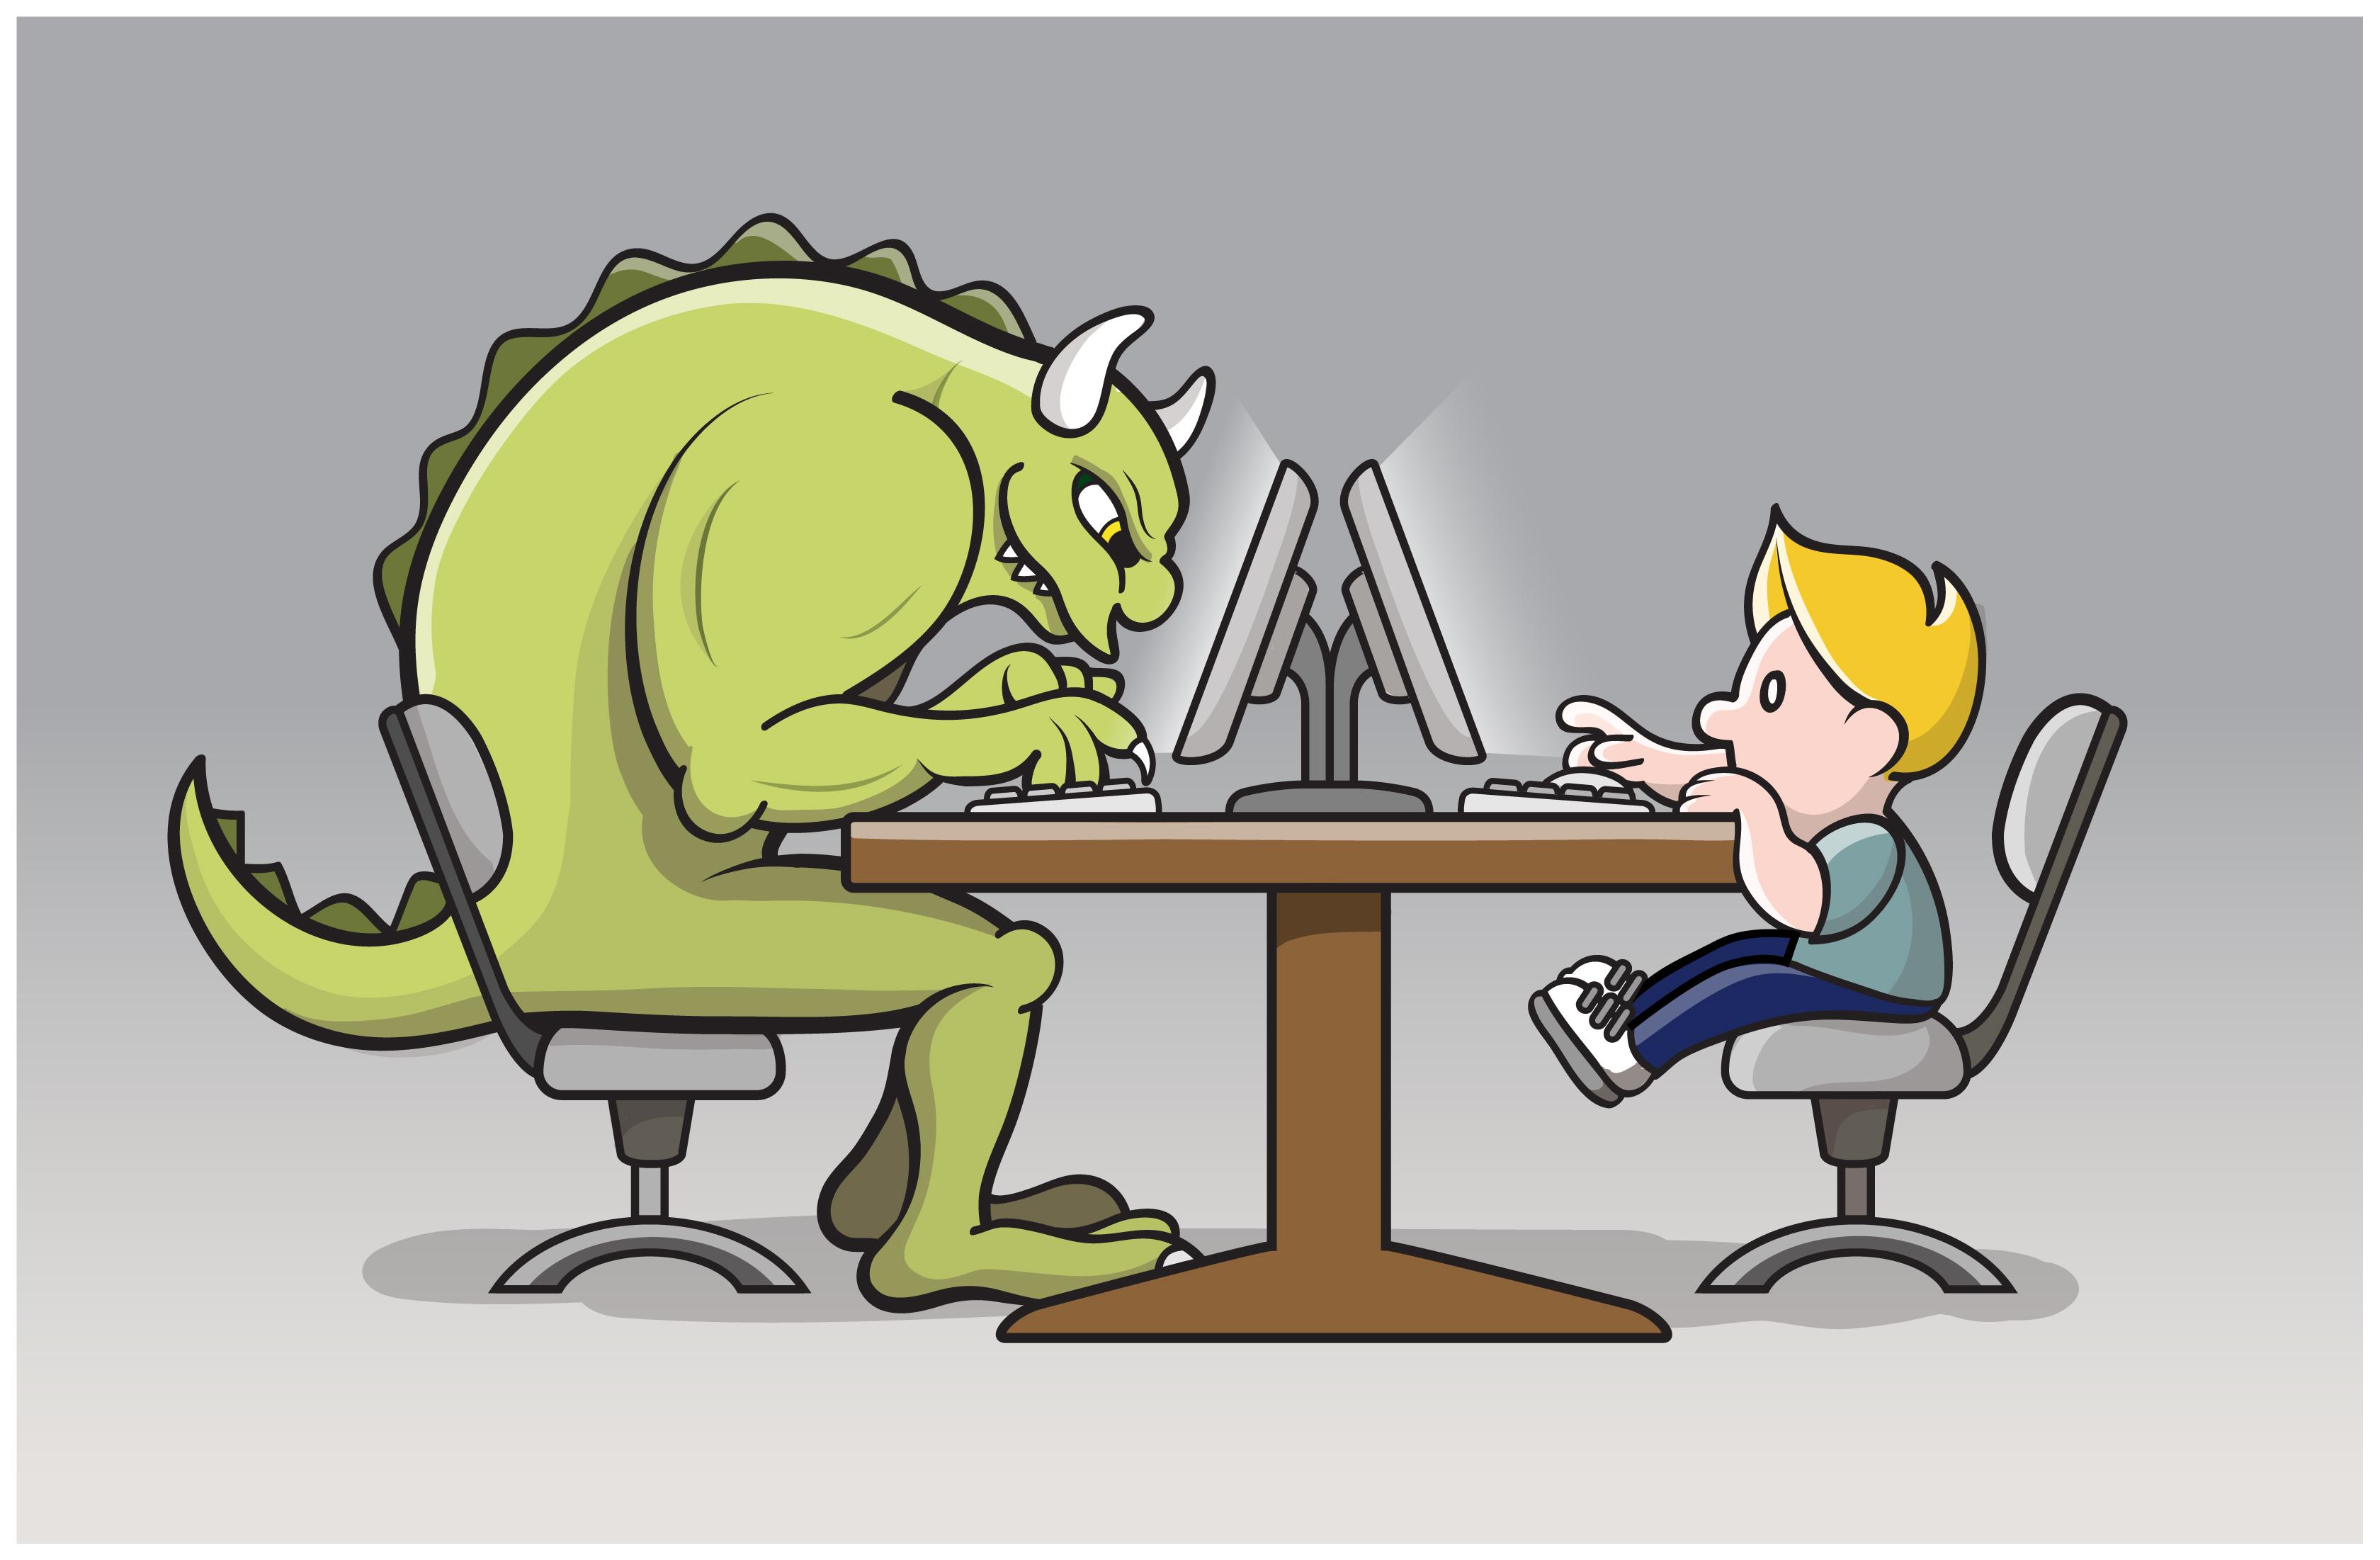 Для опасности знакомства девочек интернете в